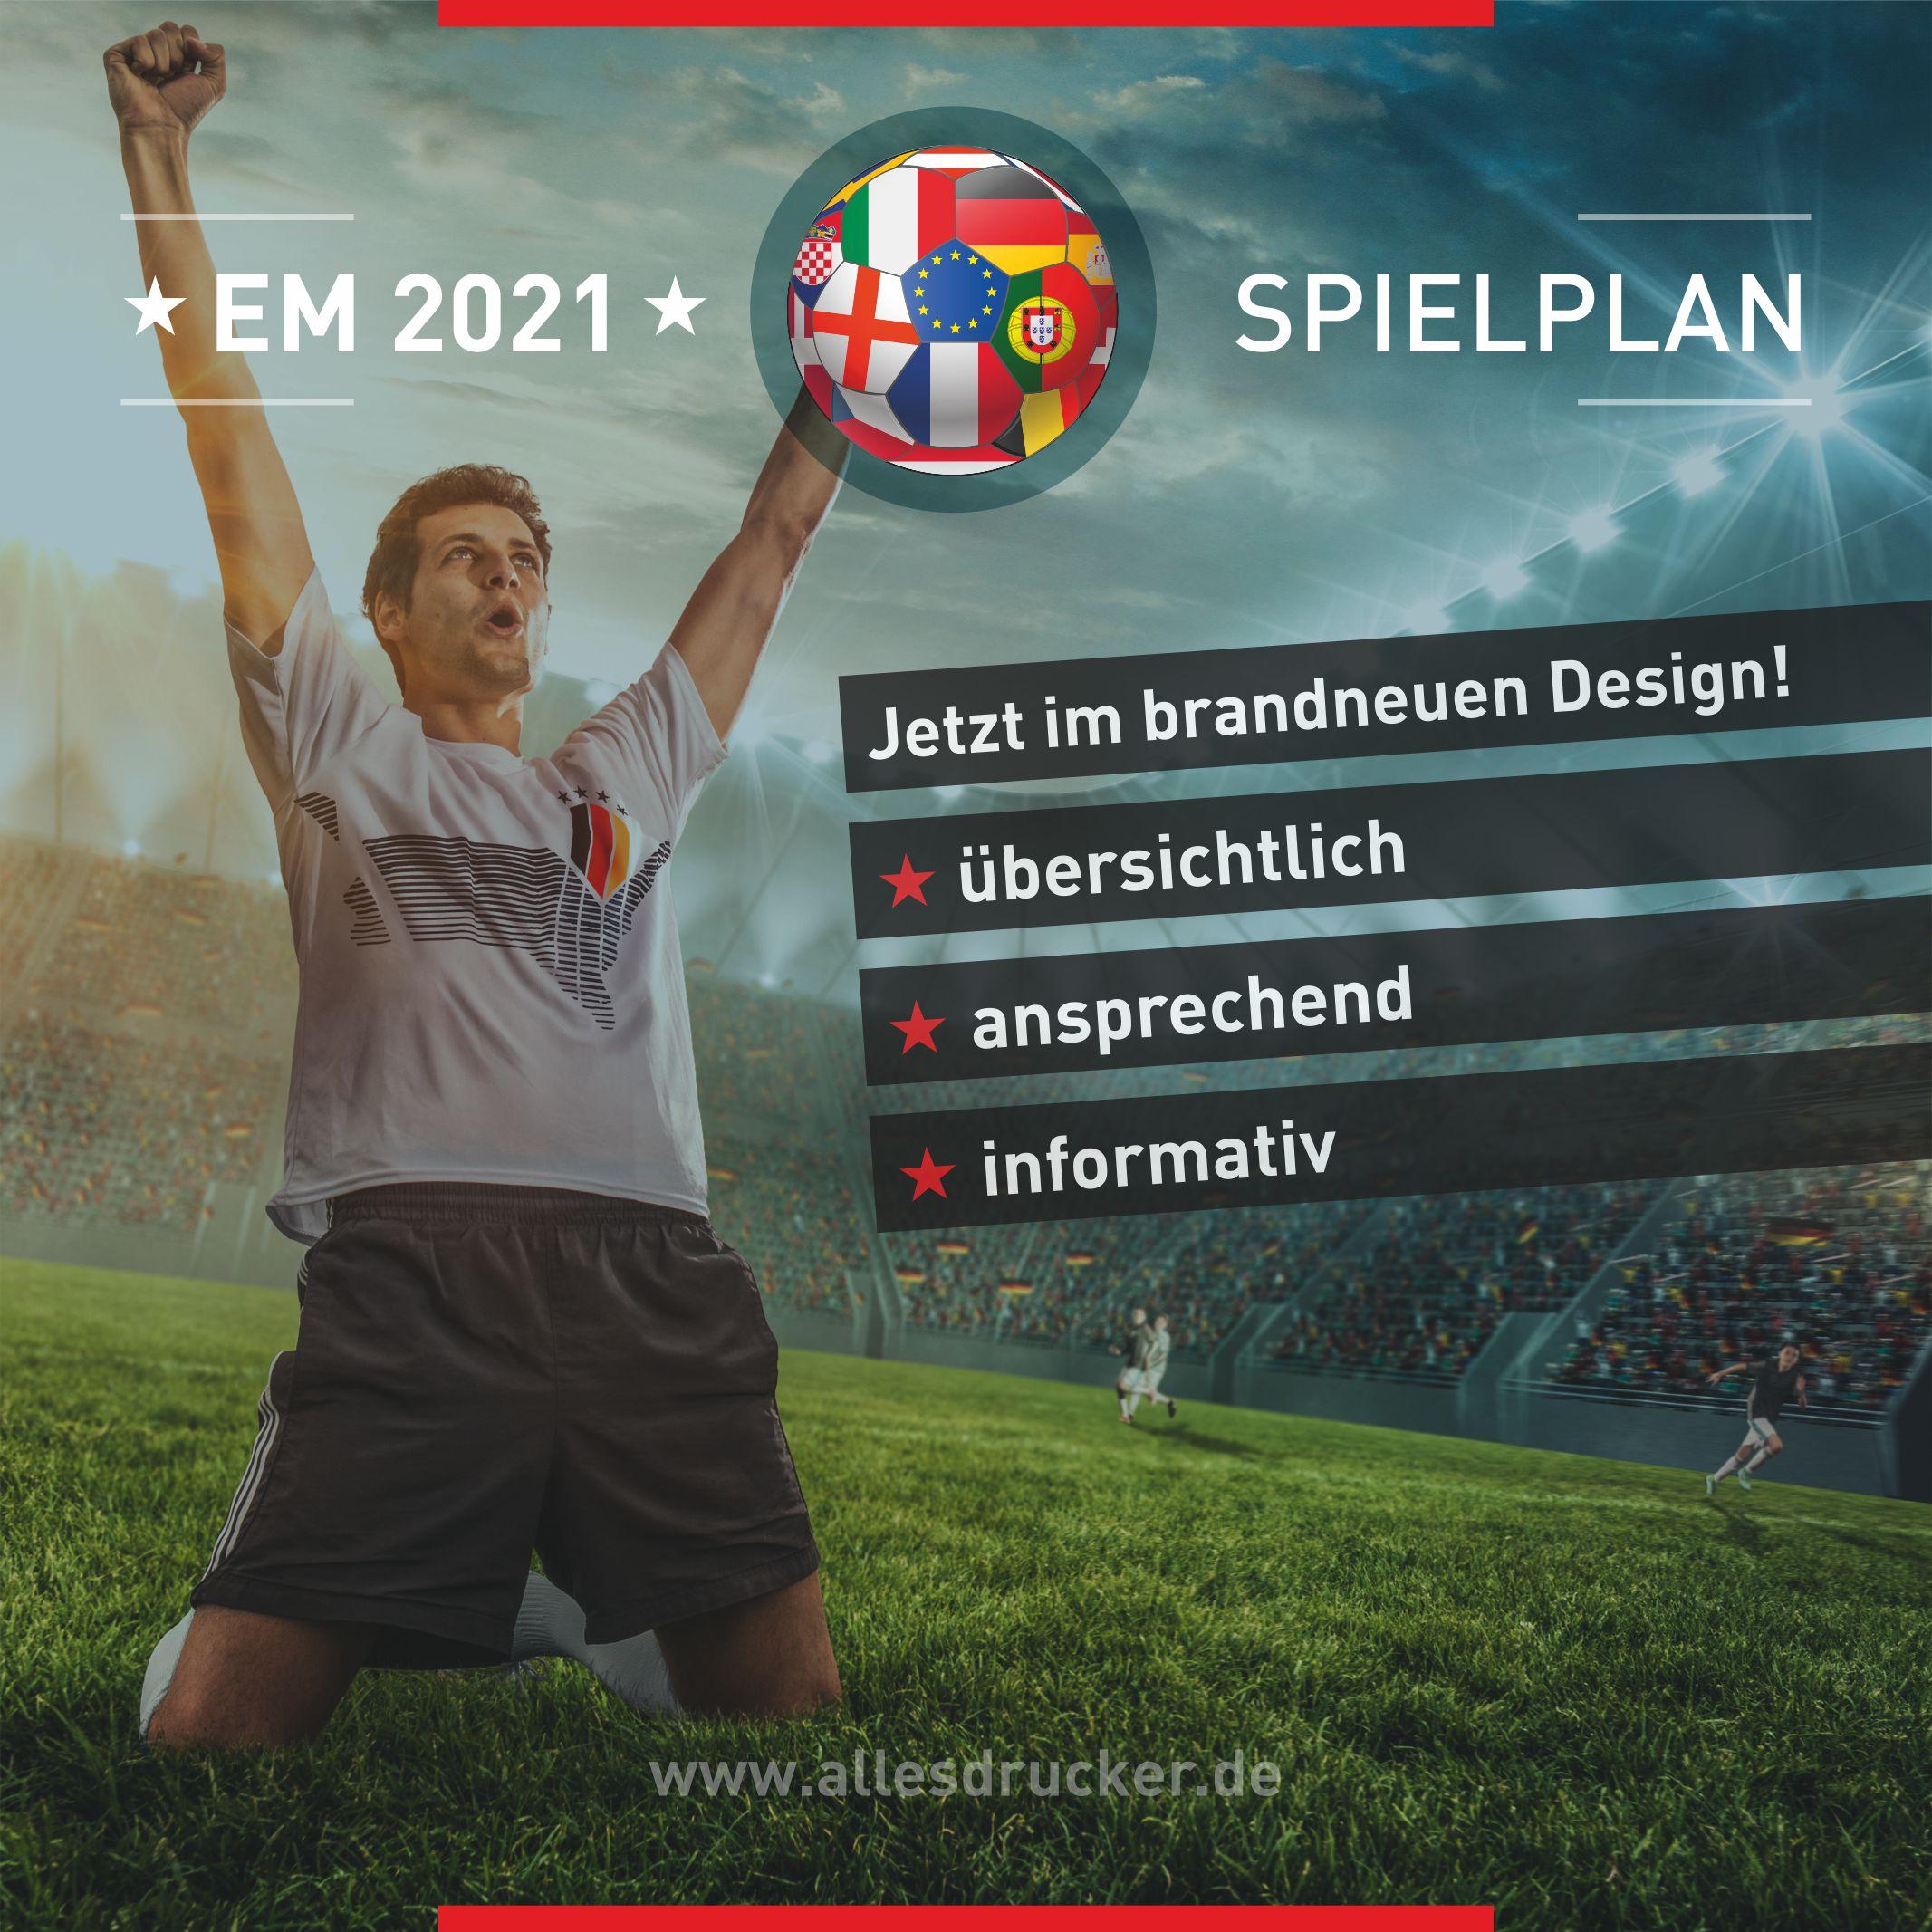 Spielplan Fußball 2021